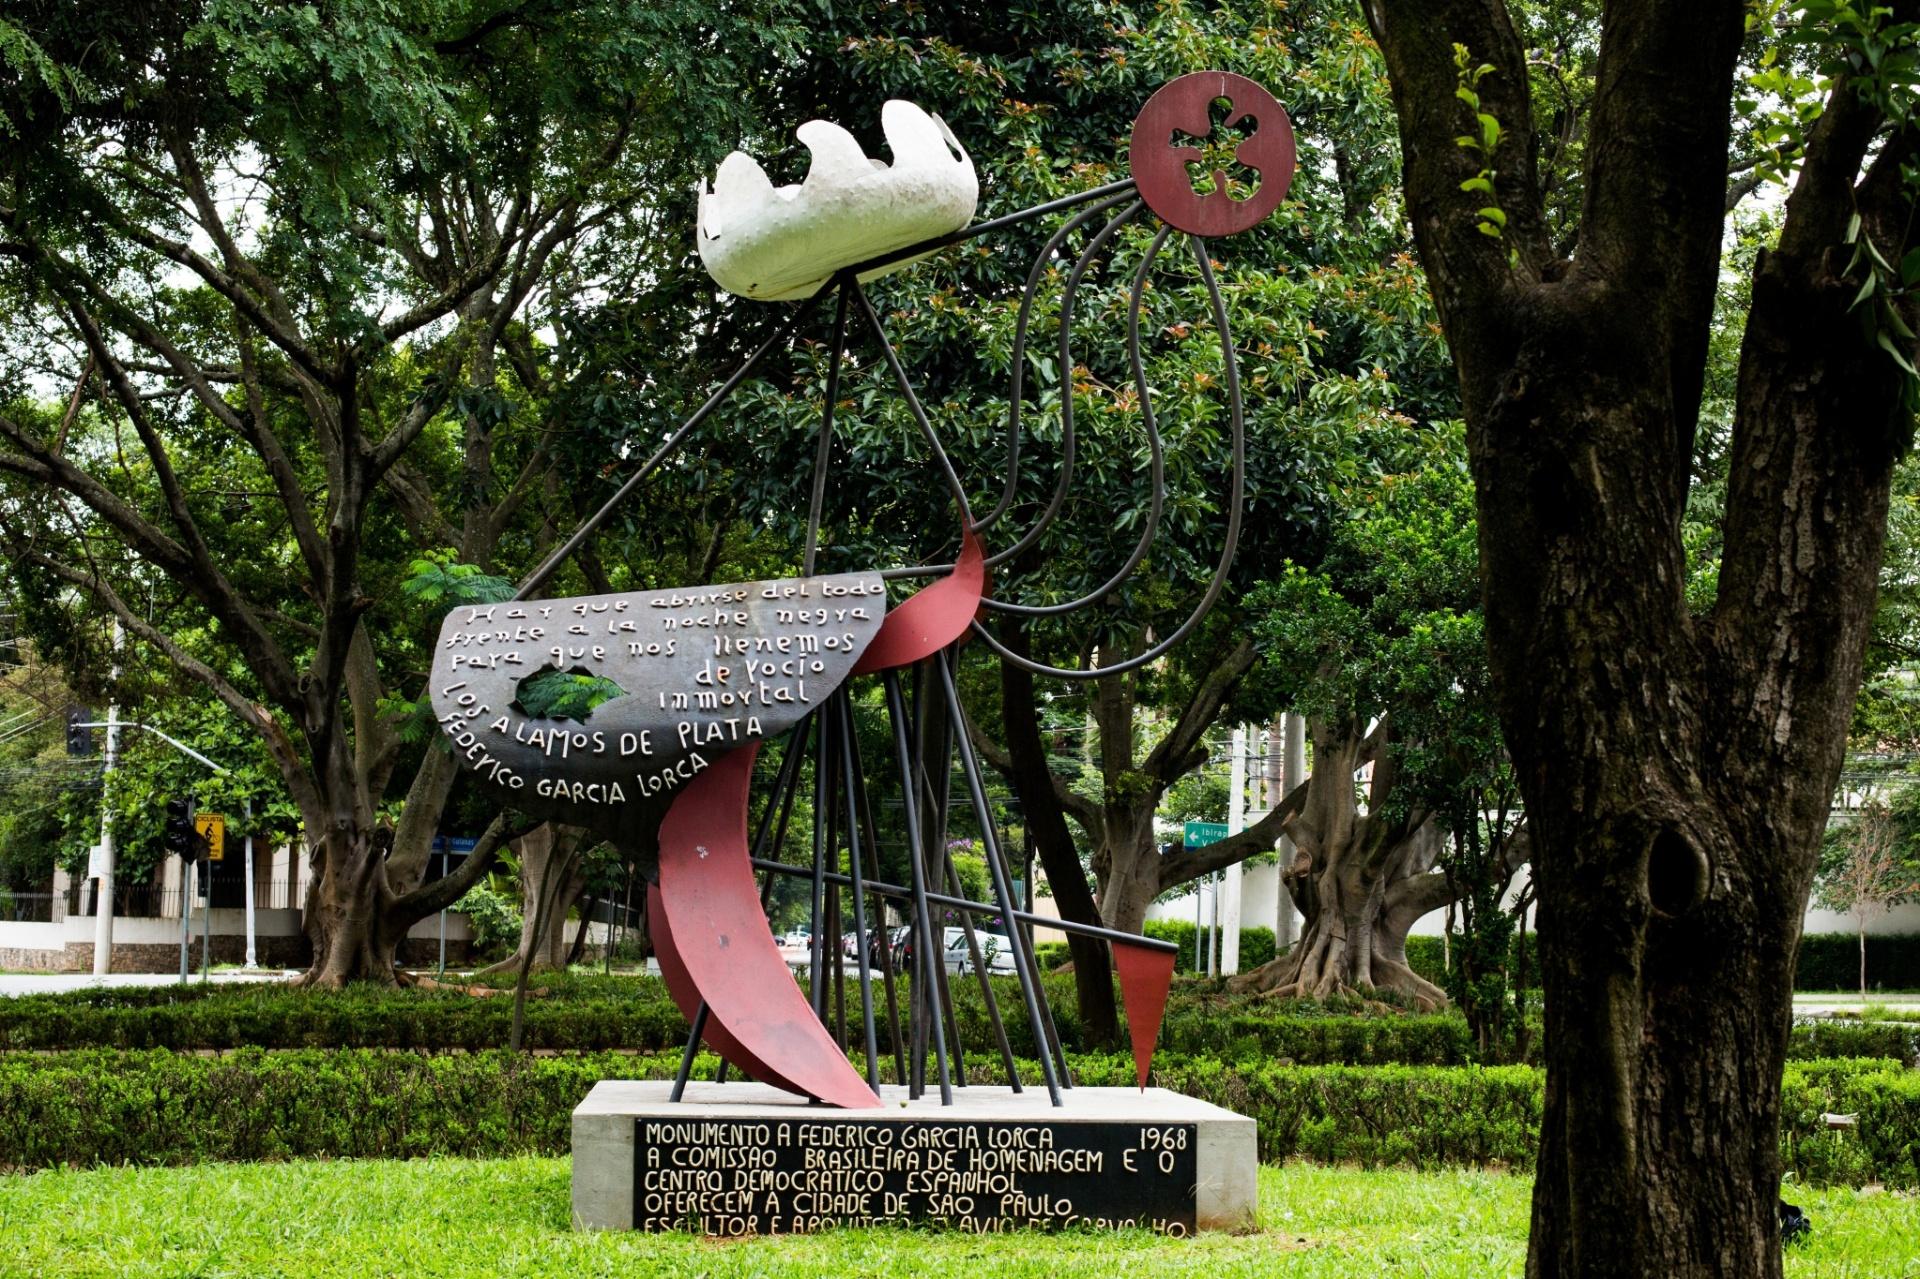 20.jan.2016 - MONUMENTO A FEDERICO GARCIA LORCA - Inaugurada em 1968 com a presença de Pablo Neruda e de Chico Buarque, a obra foi idealizada pelos exilados espanhóis do Centro Cultural Garcia Lorca, que homenageavam o poeta espanhol morto pelos Franquistas. O projeto da obra foi do arquiteto Flávio de Carvalho e depois de pronta foi instalada na Praça das Guianas, nos Jardins. Após uma explosão em 1969, a obra foi danificada e levada para um depósito da prefeitura. O próprio Flávio a restaurou, mas sem apoio das autoridades a obra ficou do lado de fora da Bienal no parque do Ibirapuera e logo retornou ao depósito. Em 1979, ela foi roubada por alunos da USP, que a colocaram no vão livre do MASP, e depois ao seu lugar de origem